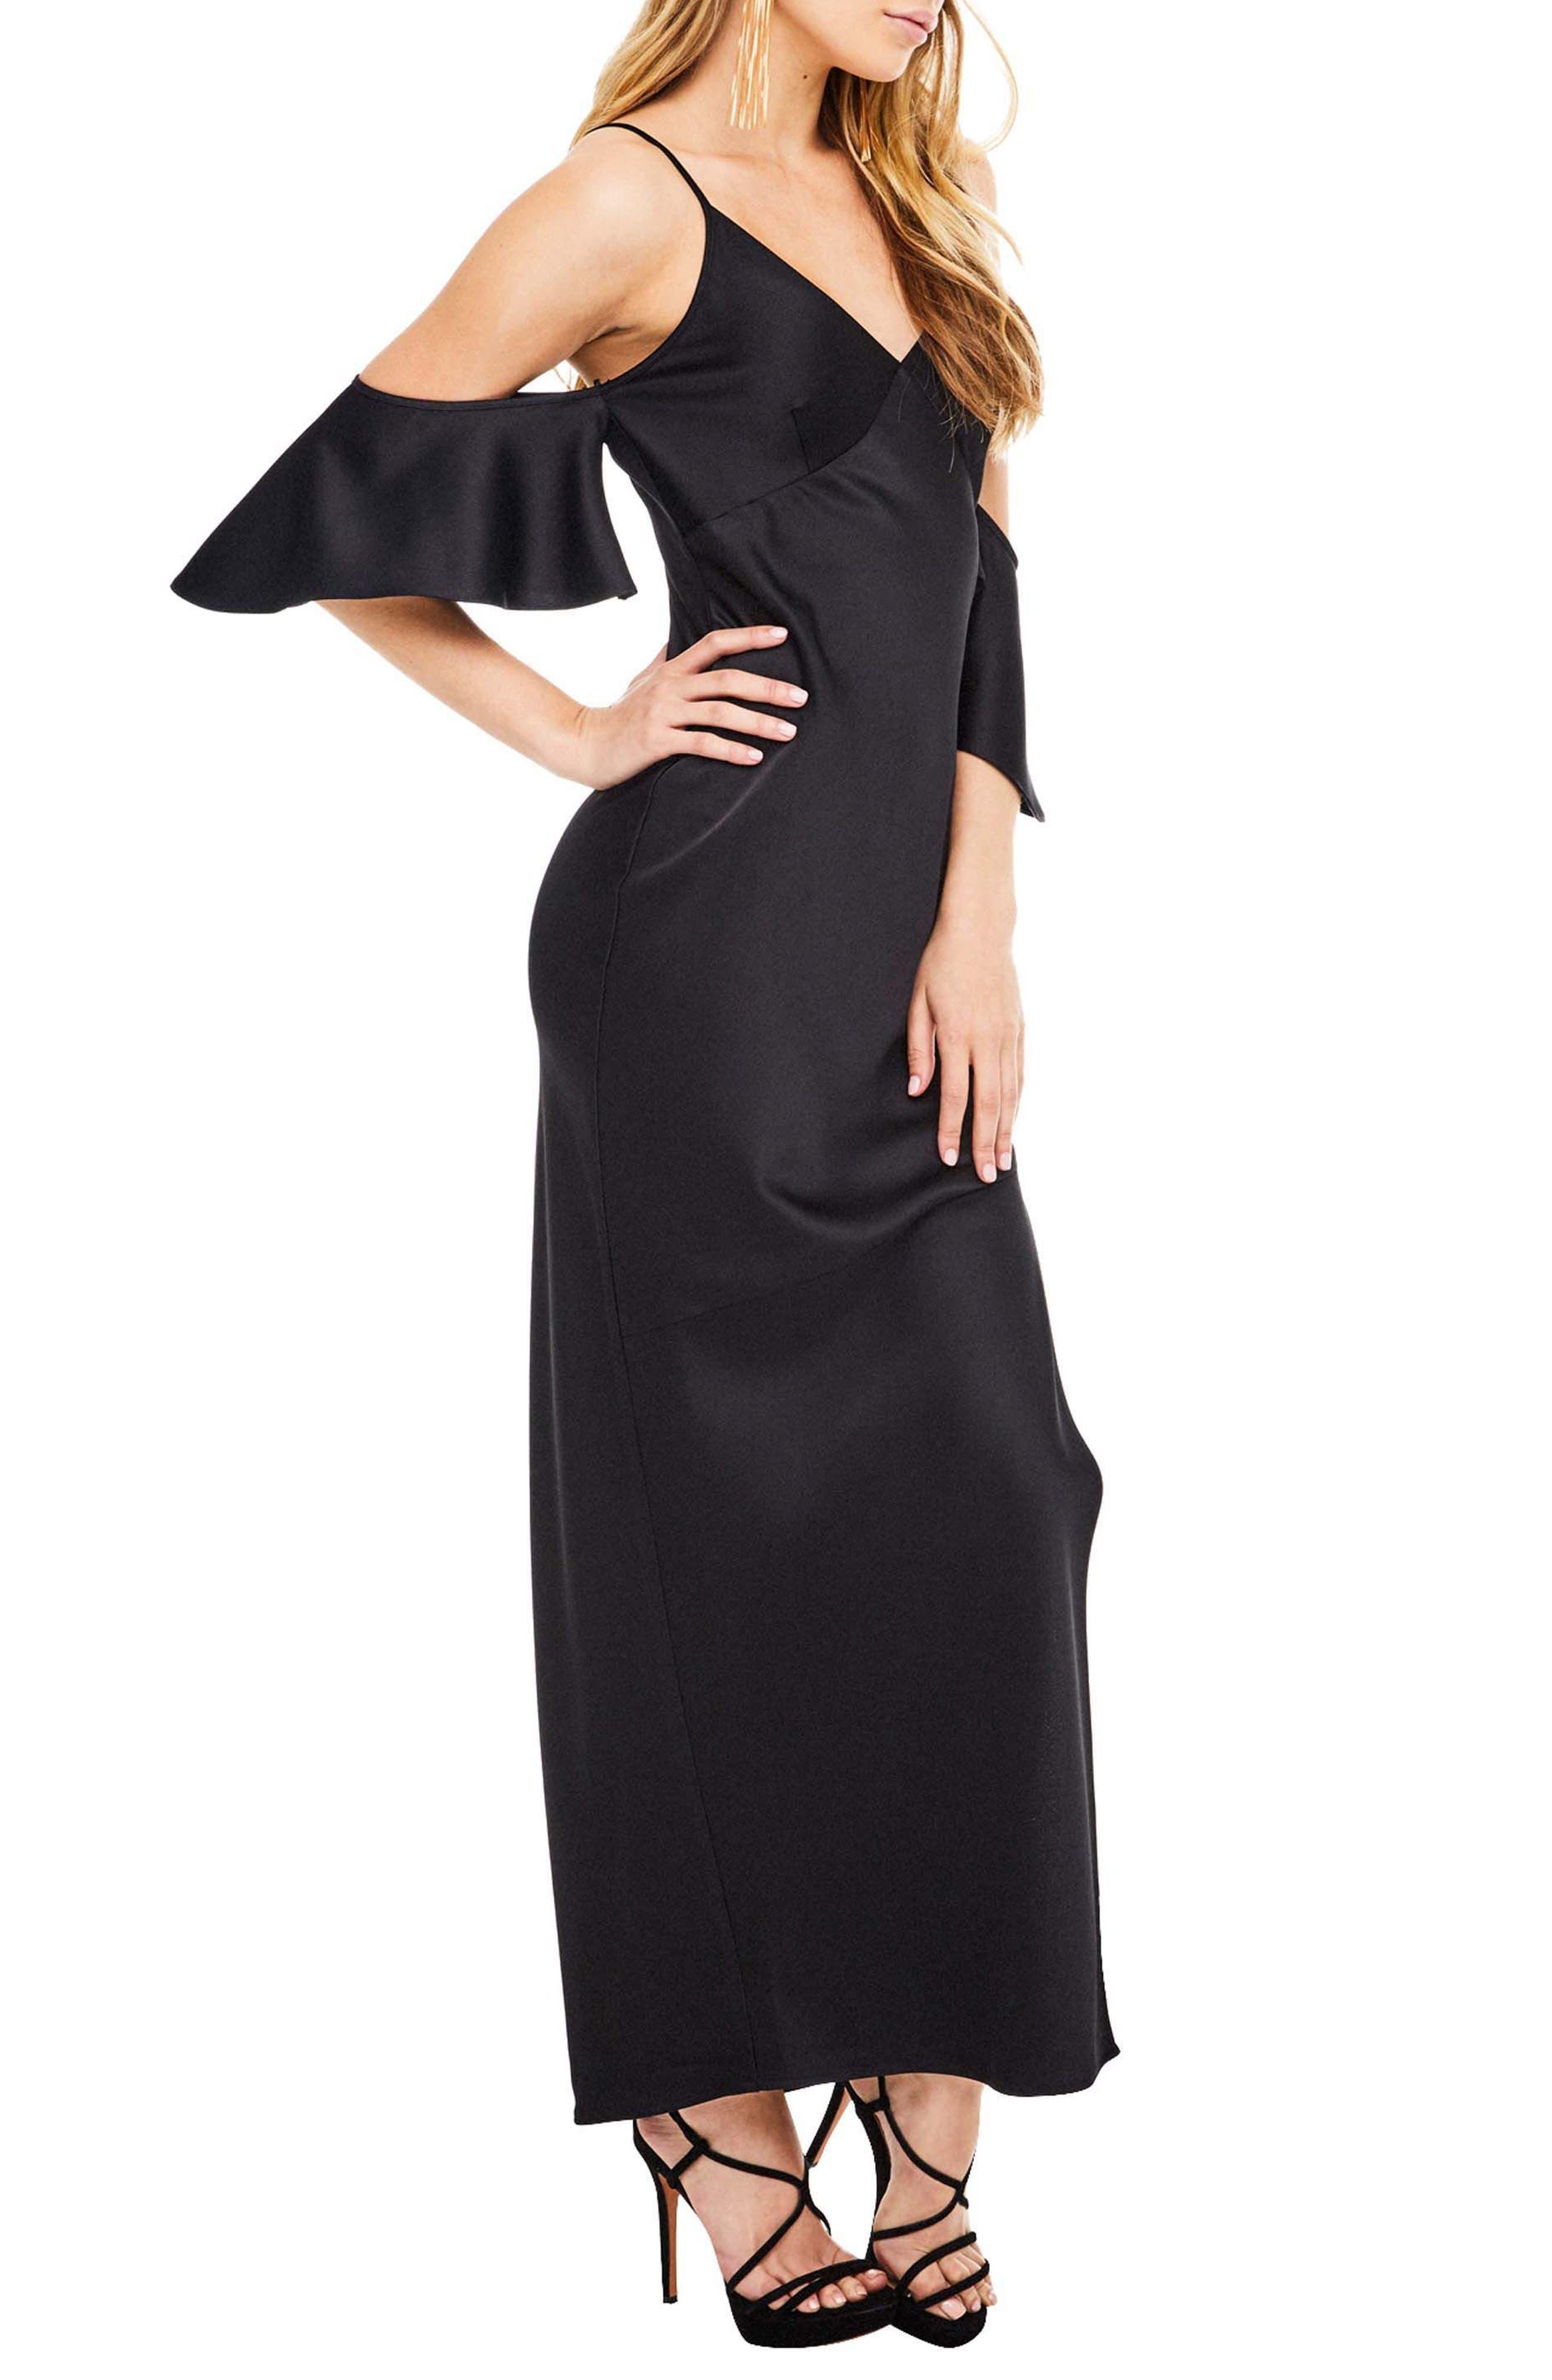 Kendra Maxi Dress,                             Alternate thumbnail 3, color,                             001